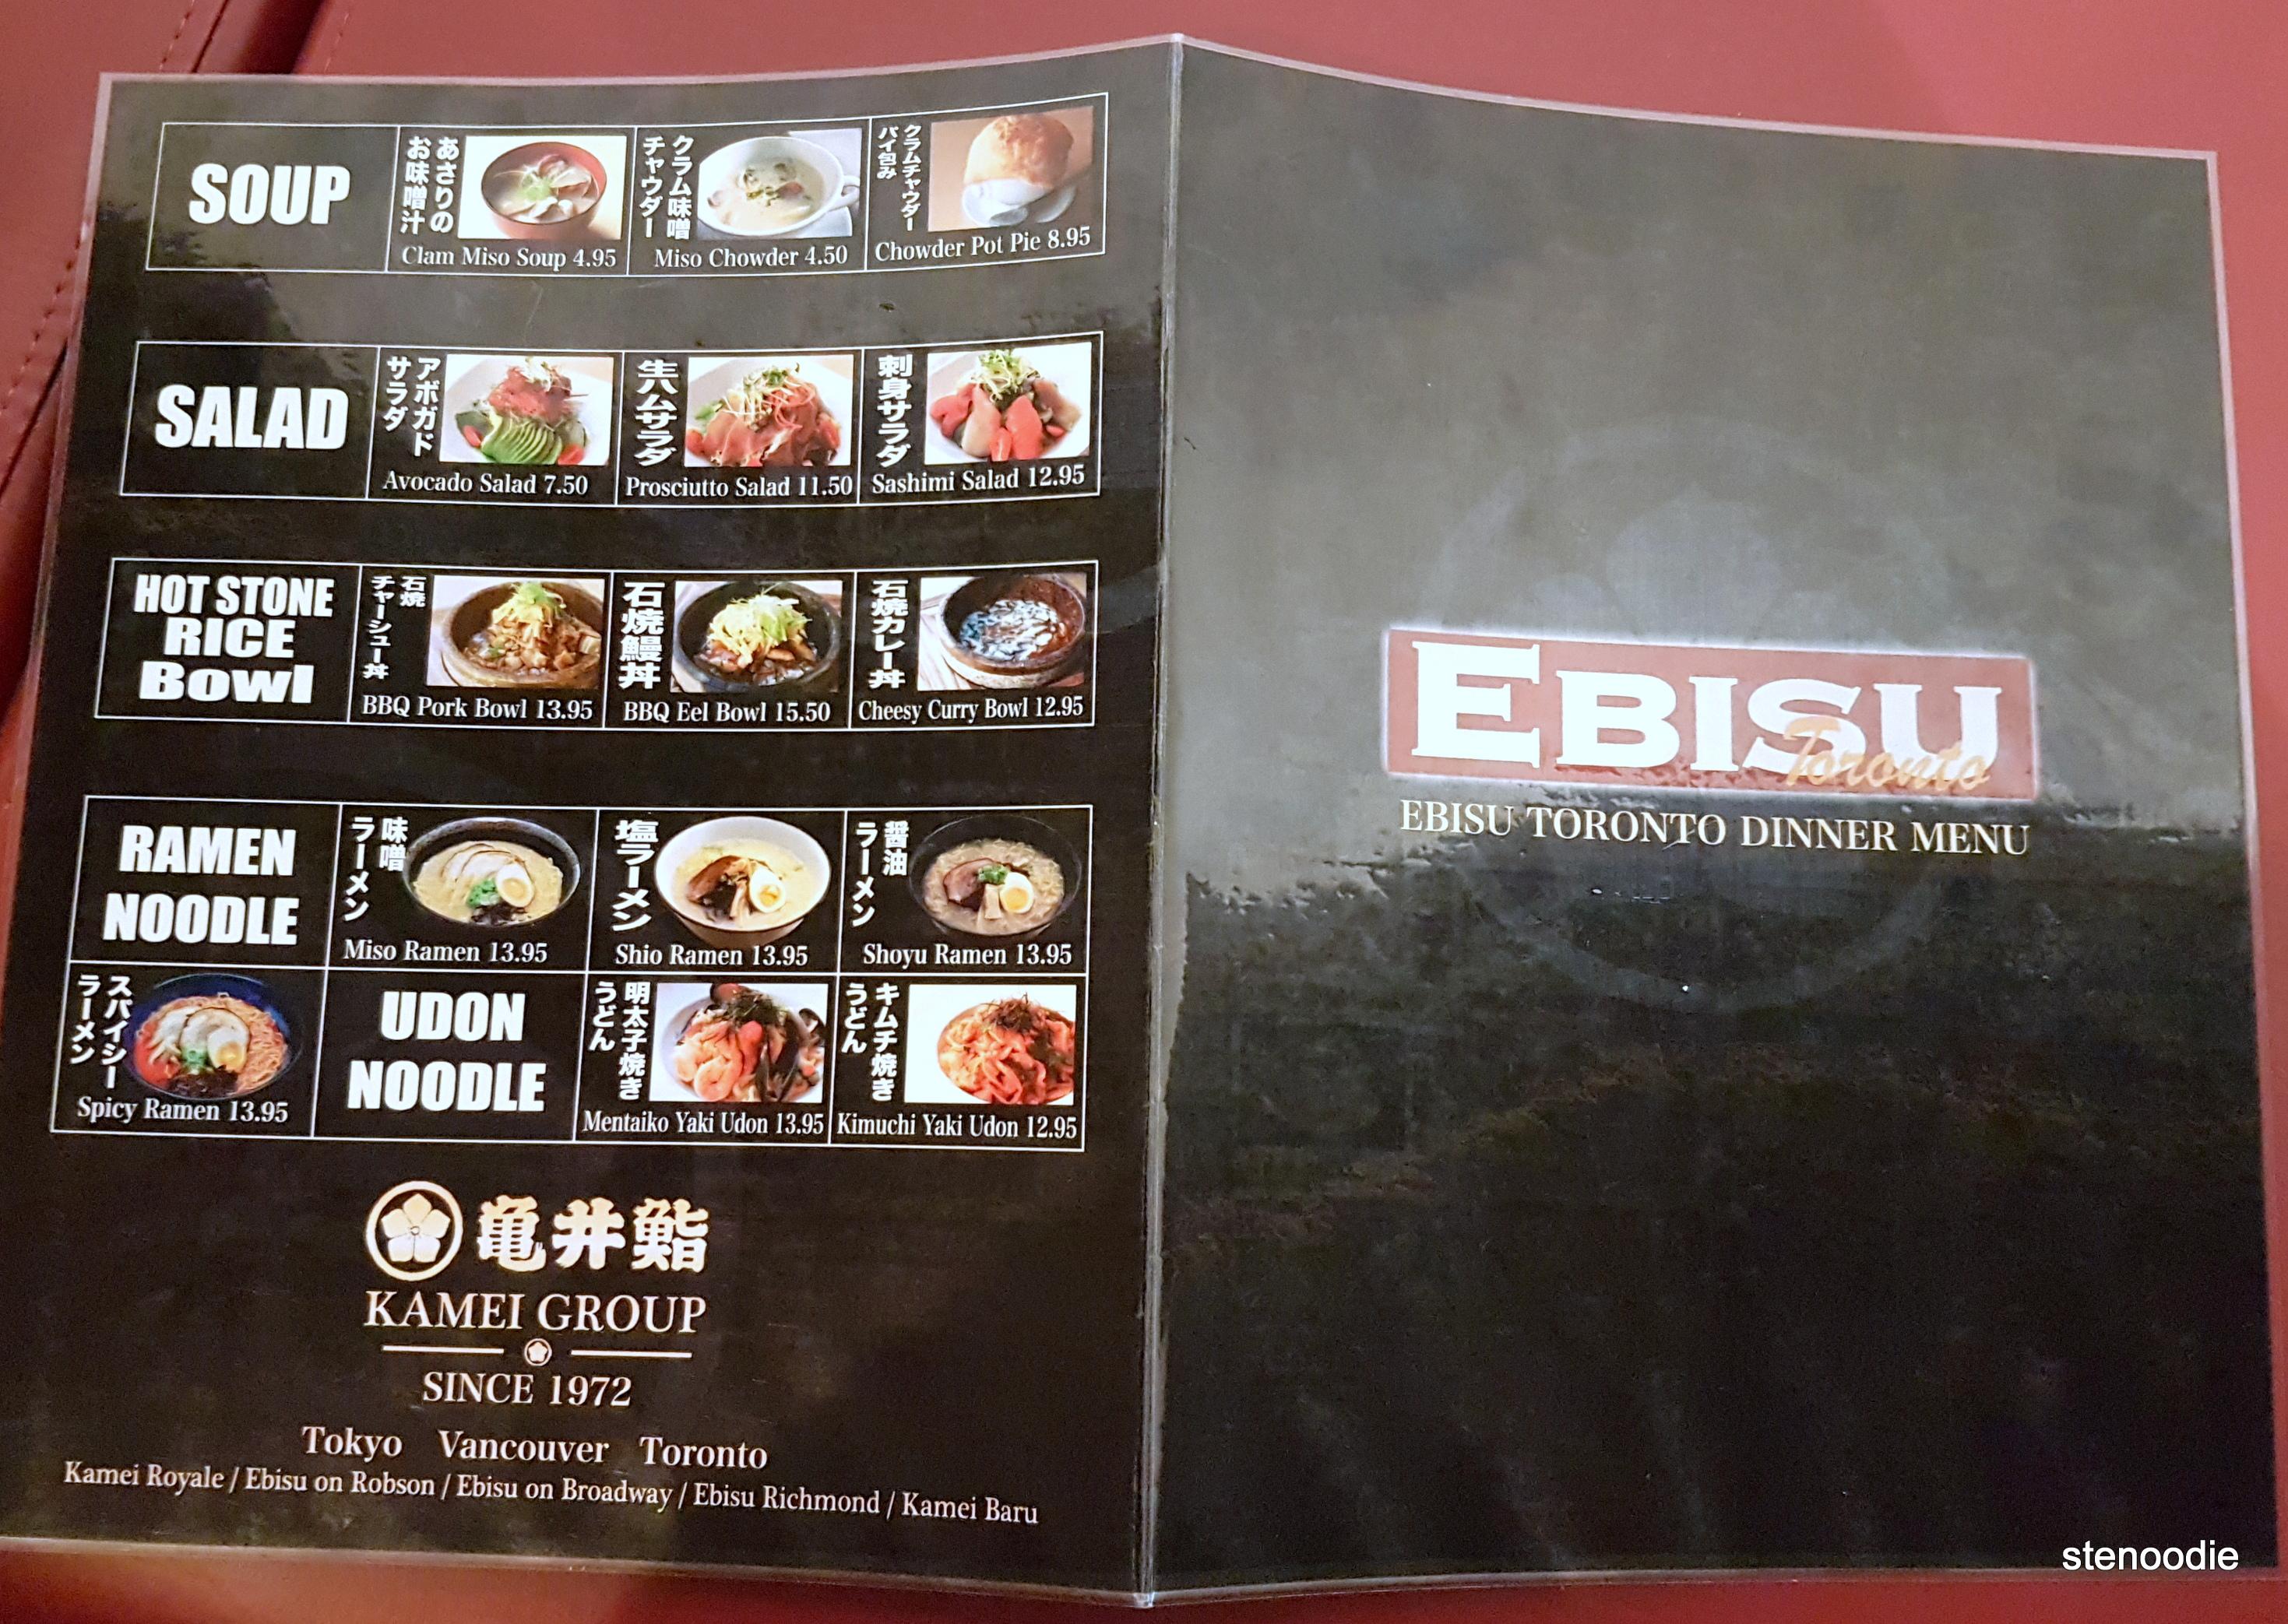 Ebisu dinner menu